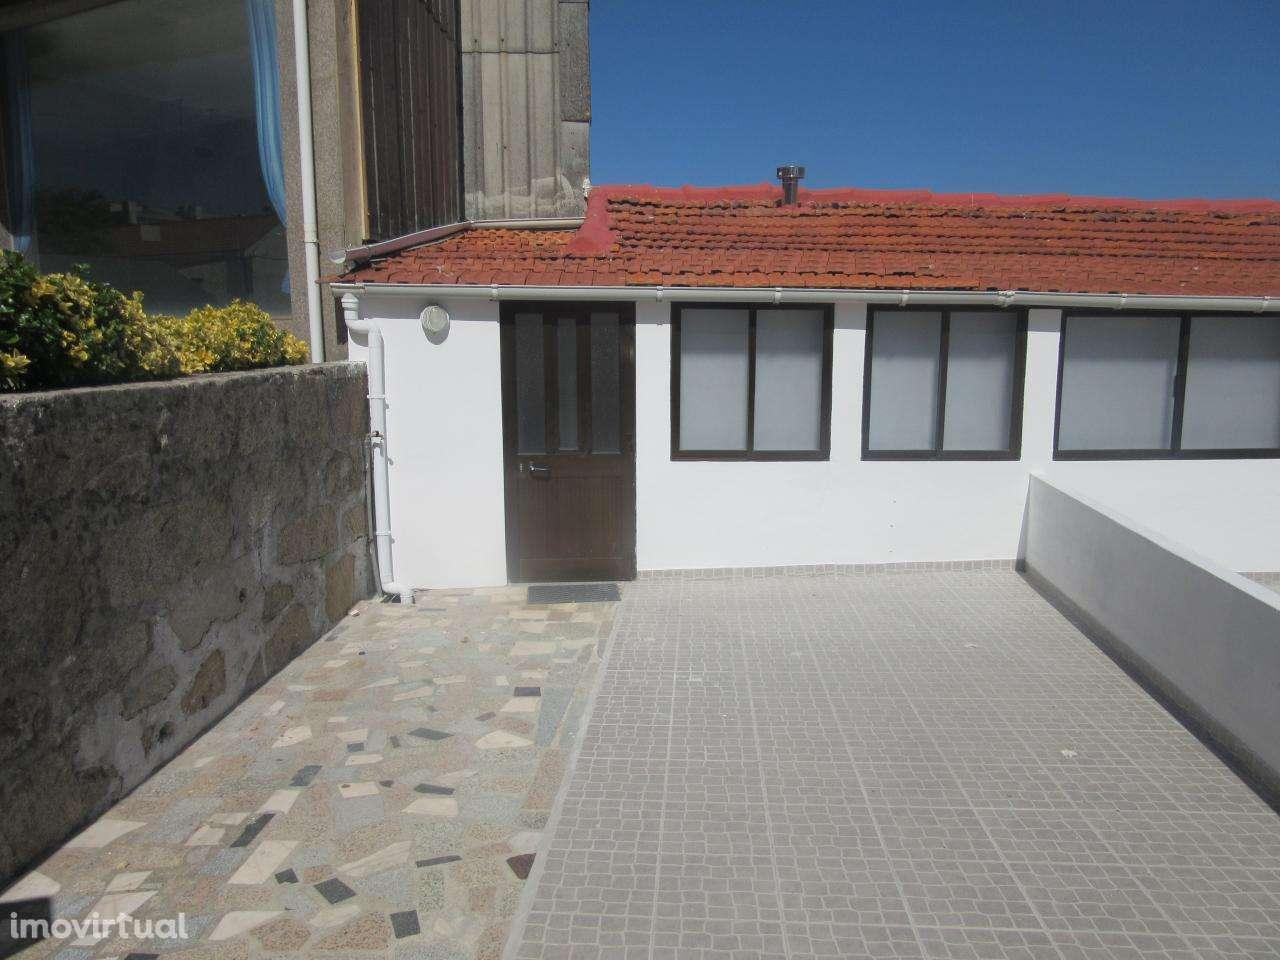 Moradia para arrendar, Matosinhos e Leça da Palmeira, Porto - Foto 1